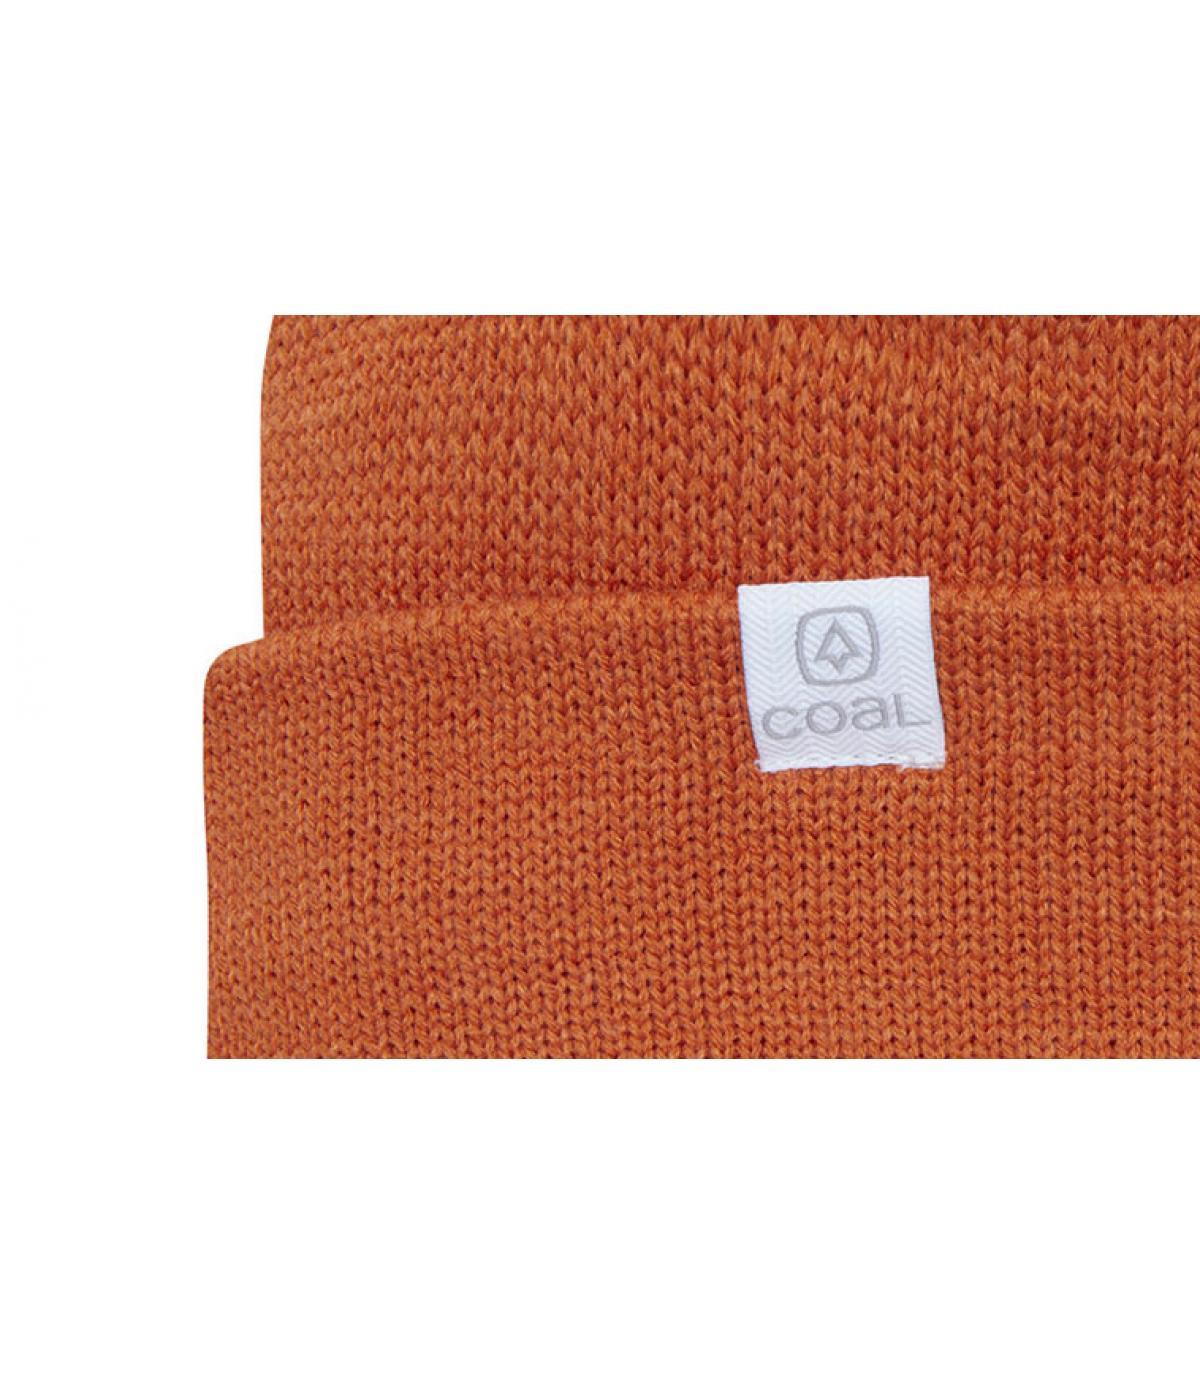 Détails The FLT burnt orange - image 3